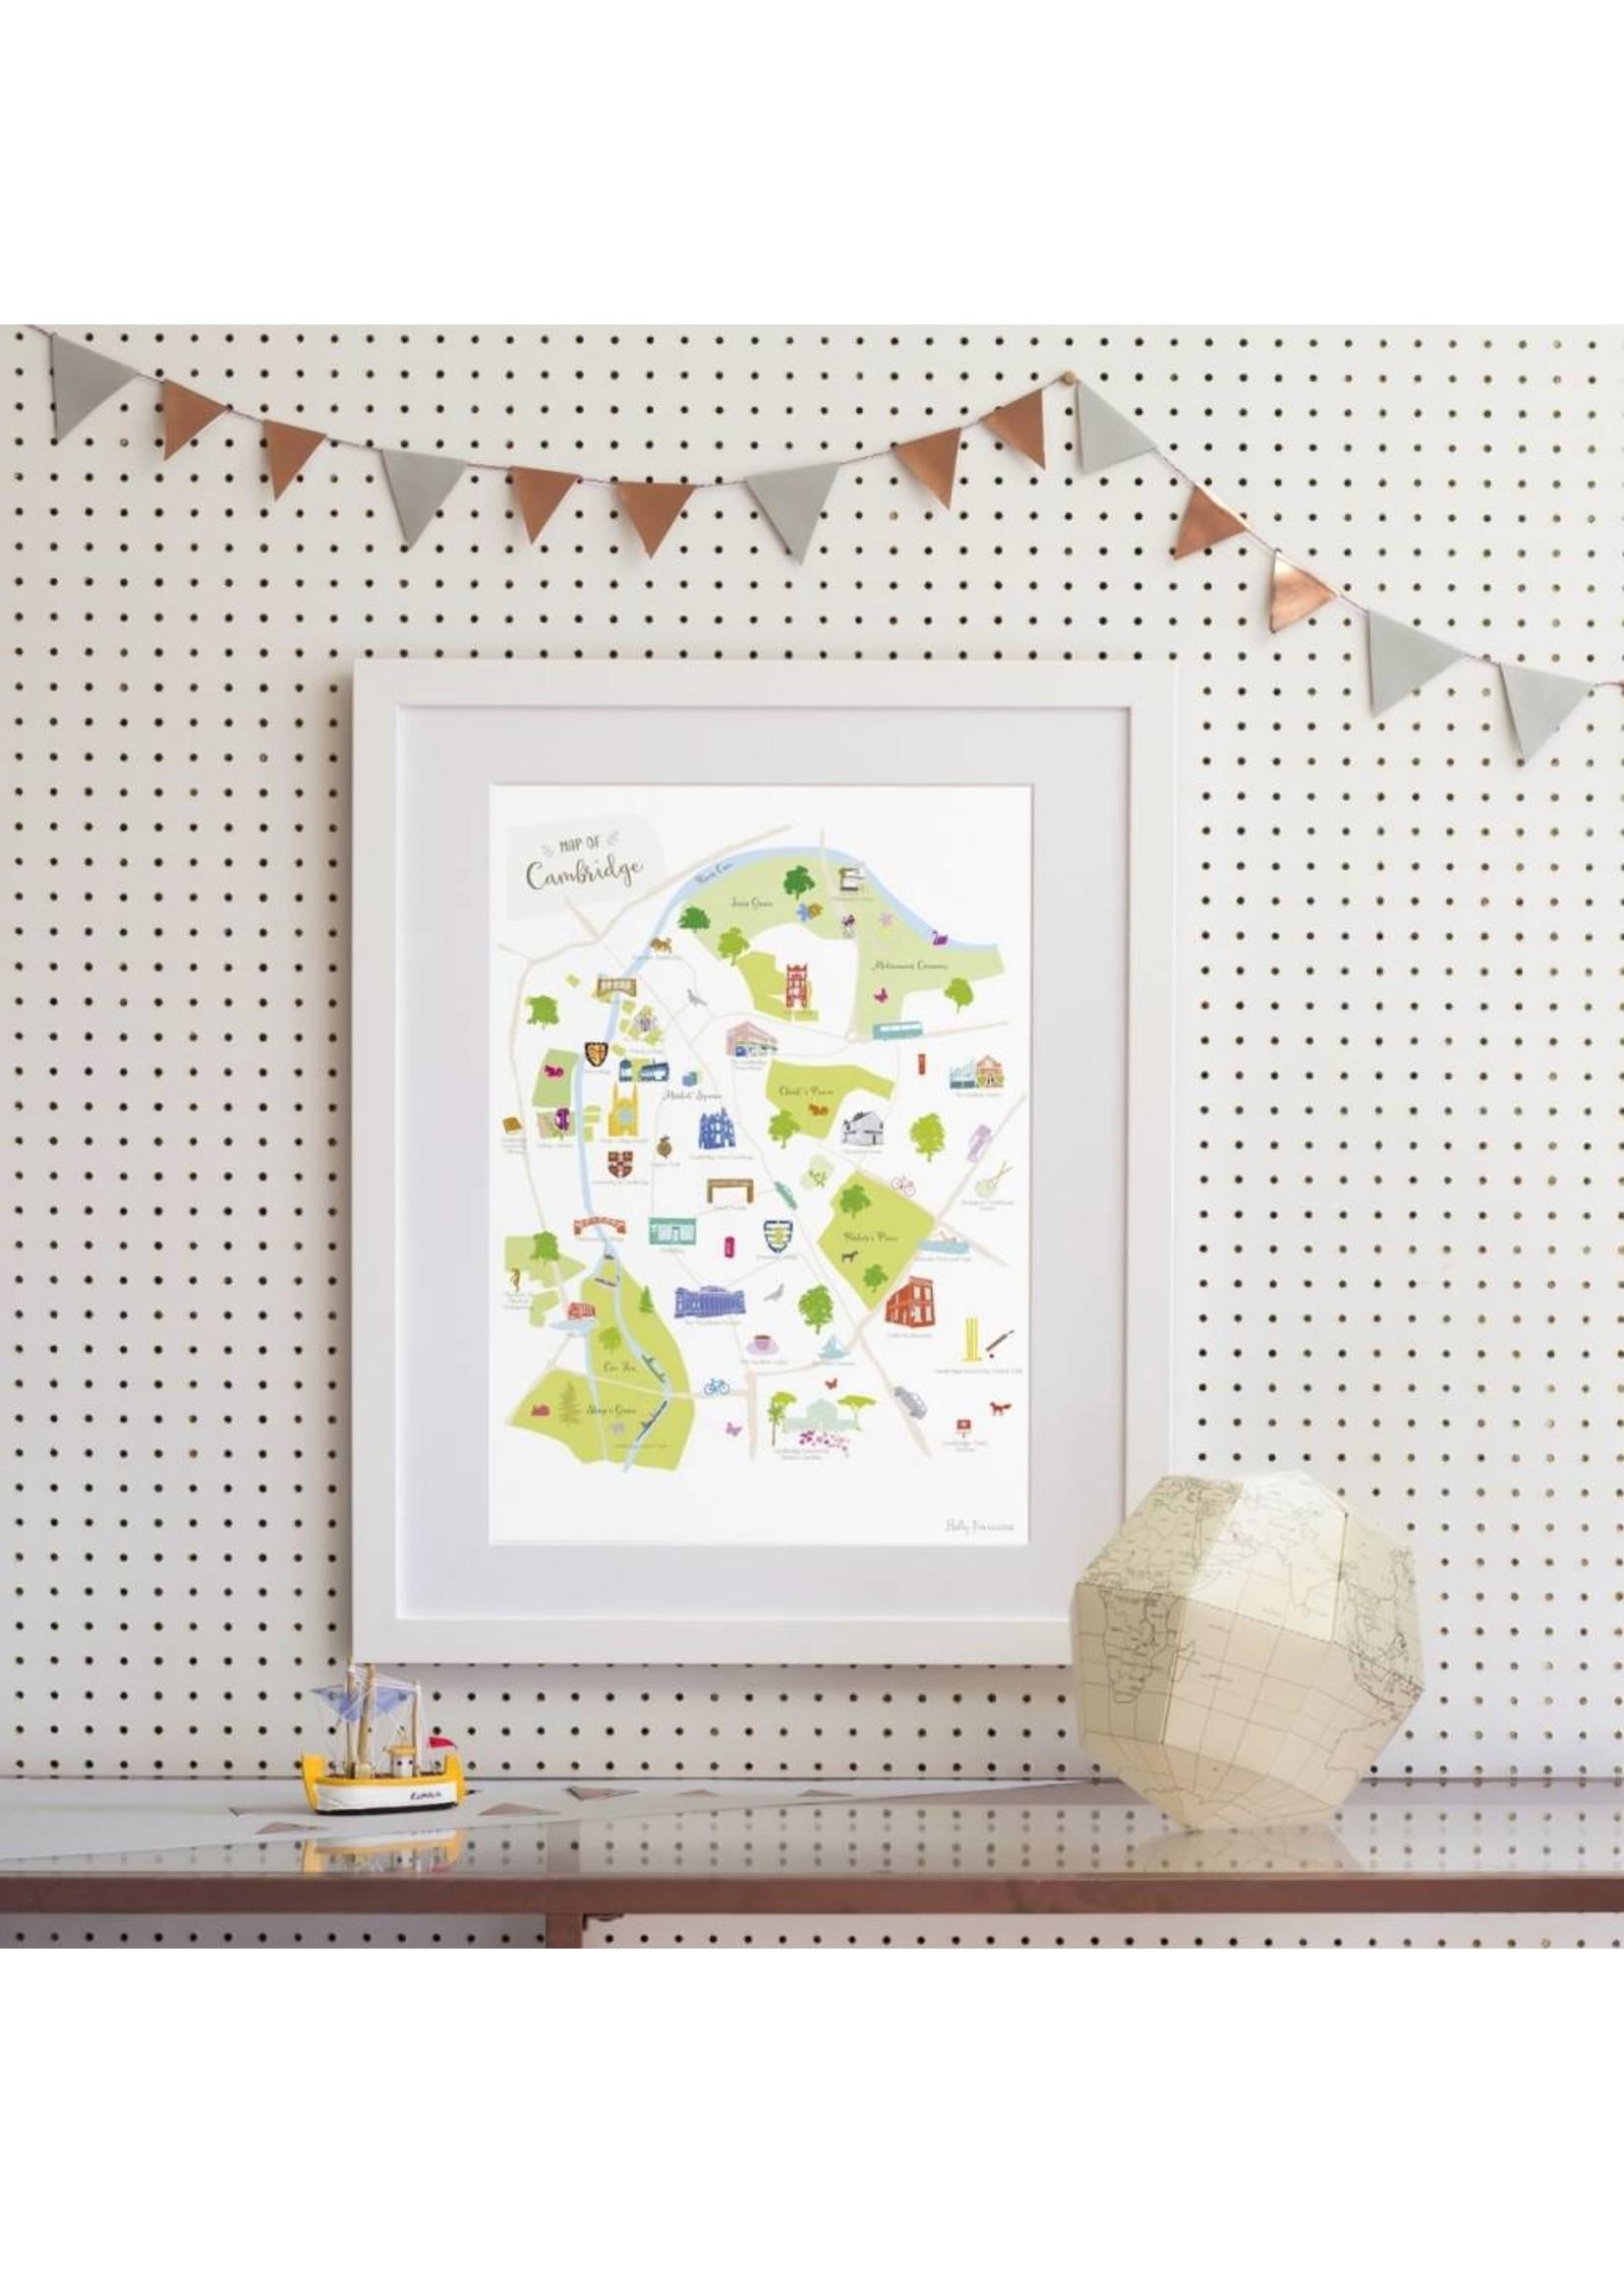 Holly Francesca Holly Francesca Map of Cambridge - A3